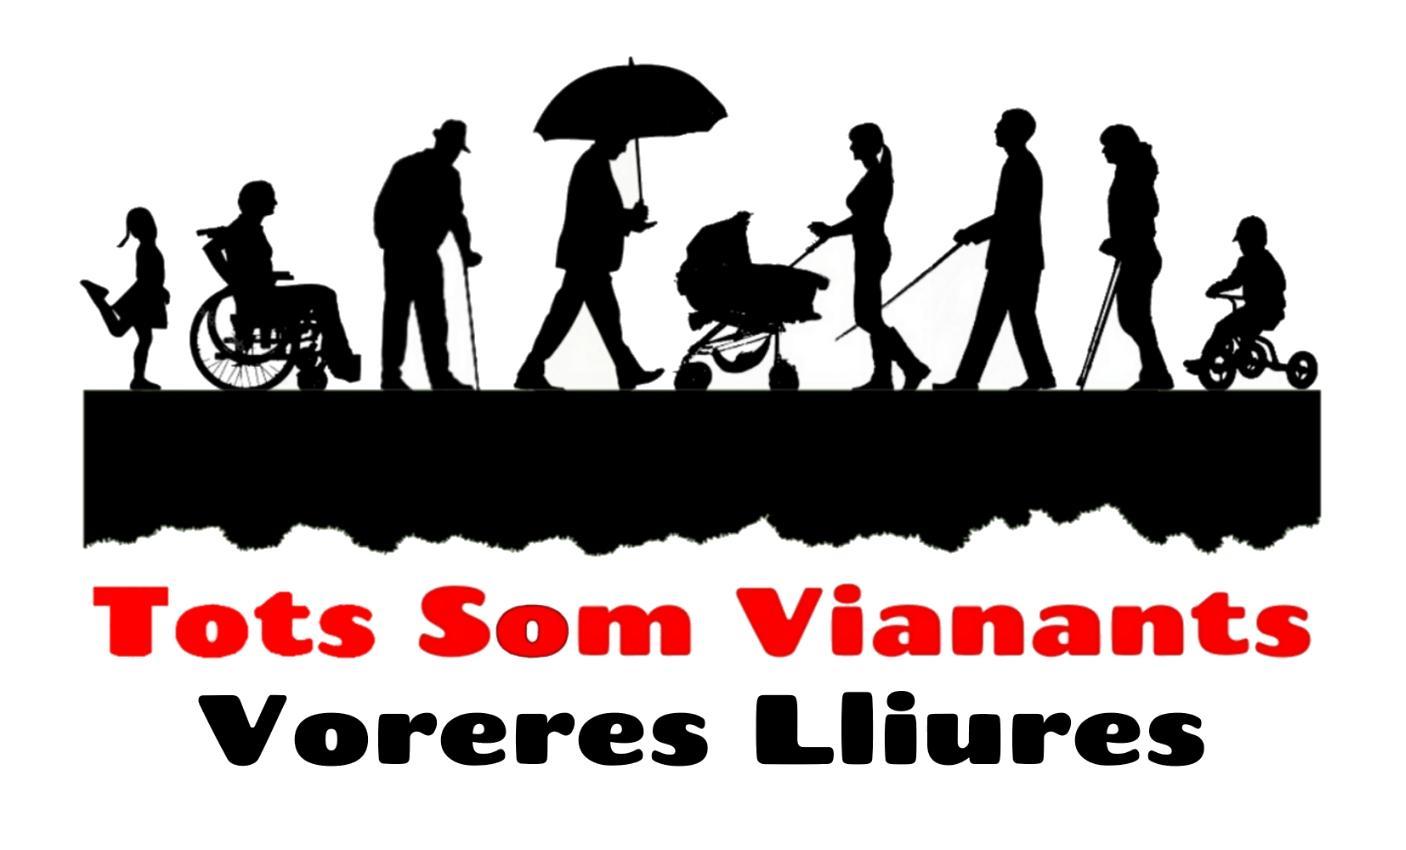 ESTARTIT EMD AJUNTAMENT TORROELLA DE MONTGRÍ